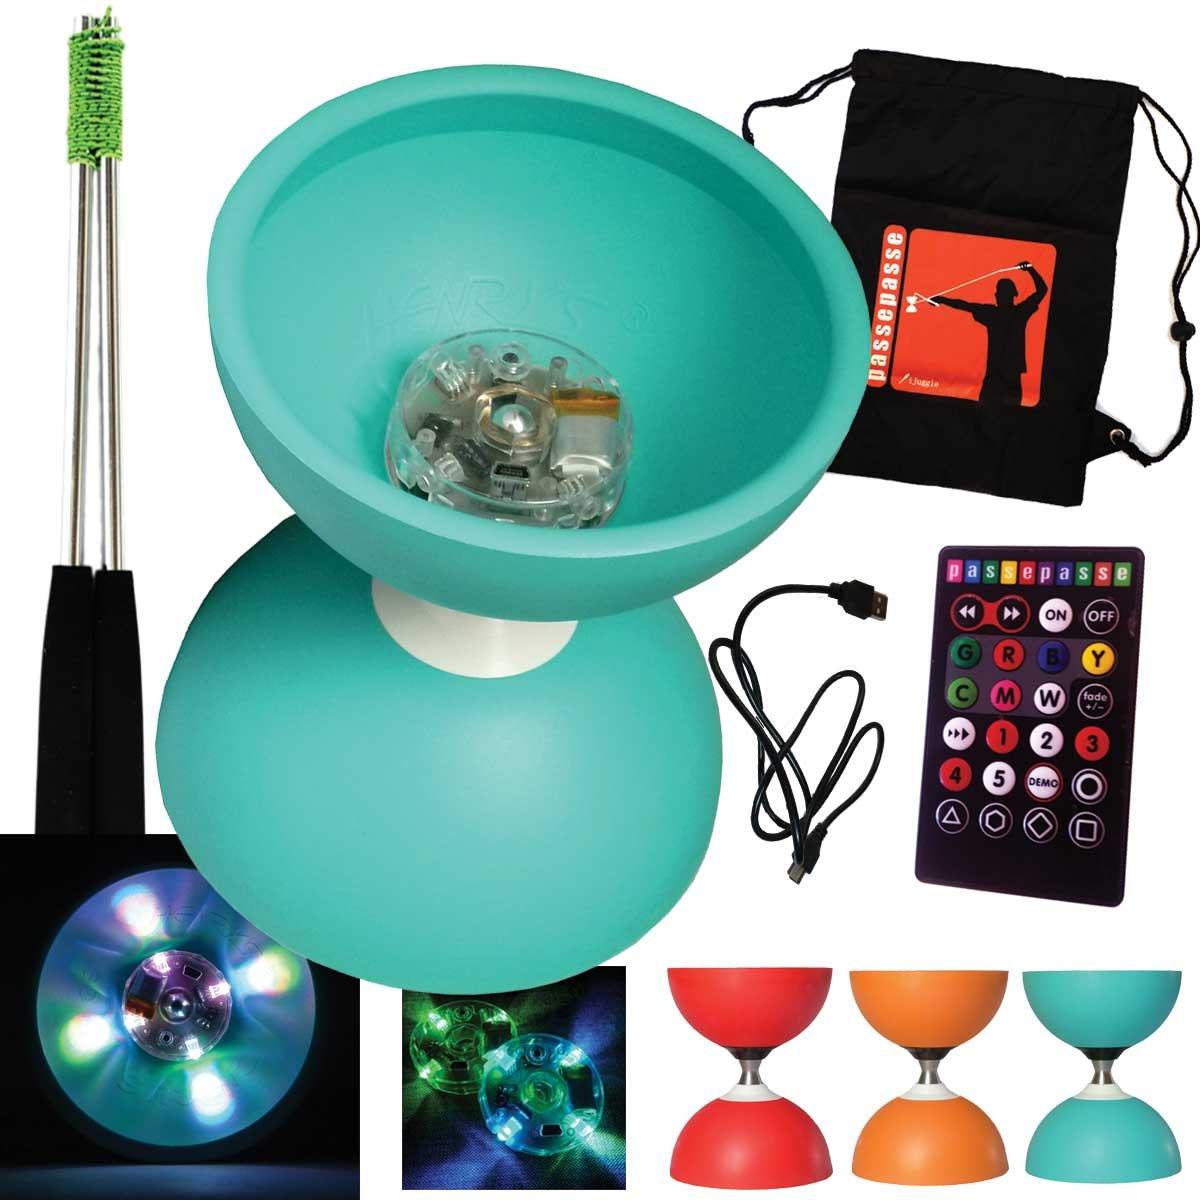 Henrys Turqouise Diabolo Circus FREE Lagerachse mit USB-Fernbedienung LED-Leuchten + Aluminium Steuerknüppel und Tasche